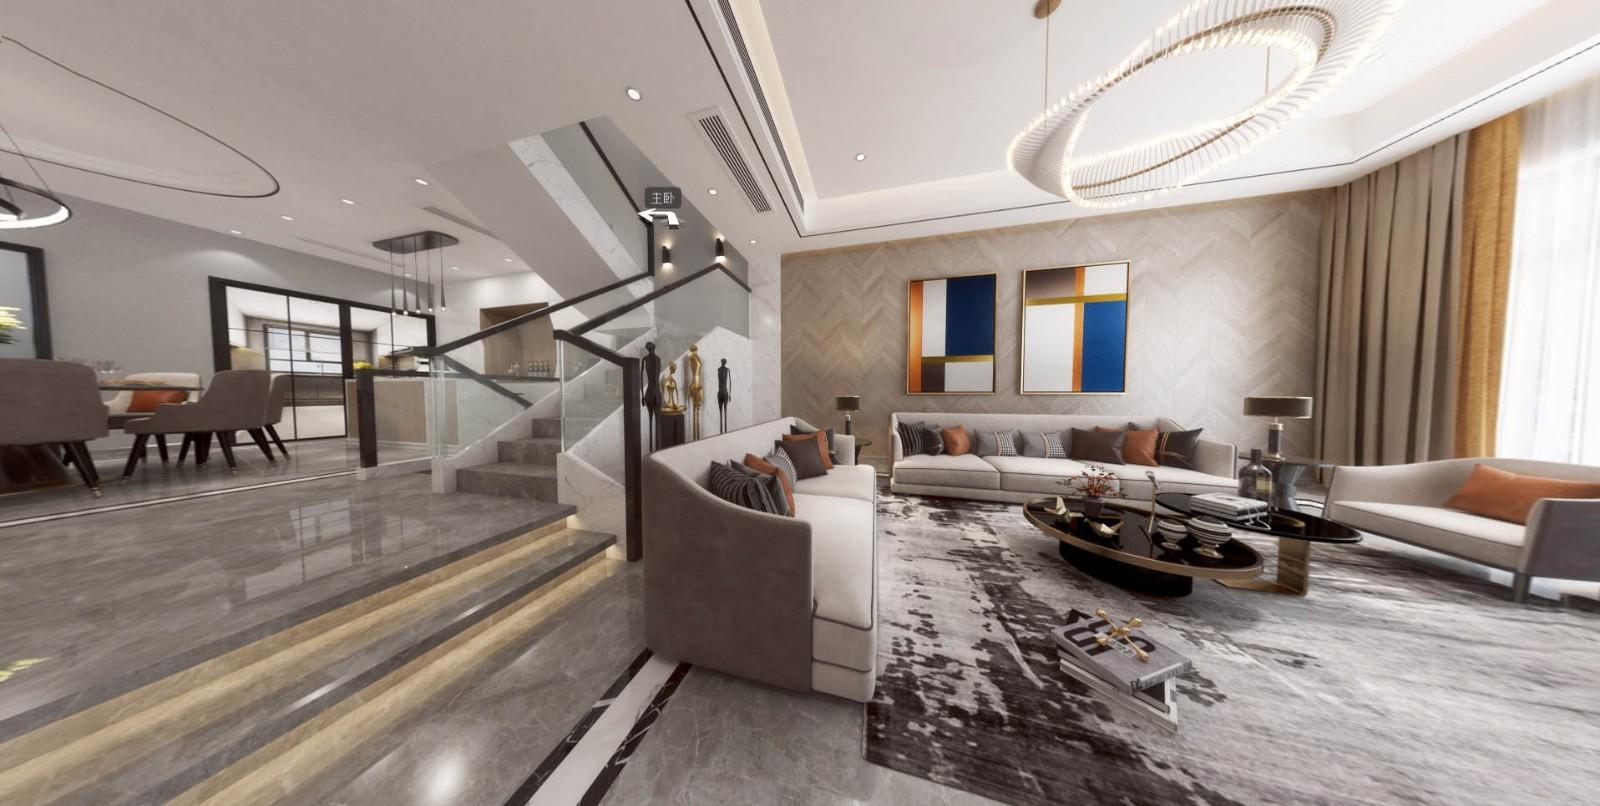 2019现代欧式客厅装修设计 2019现代欧式楼梯装修设计